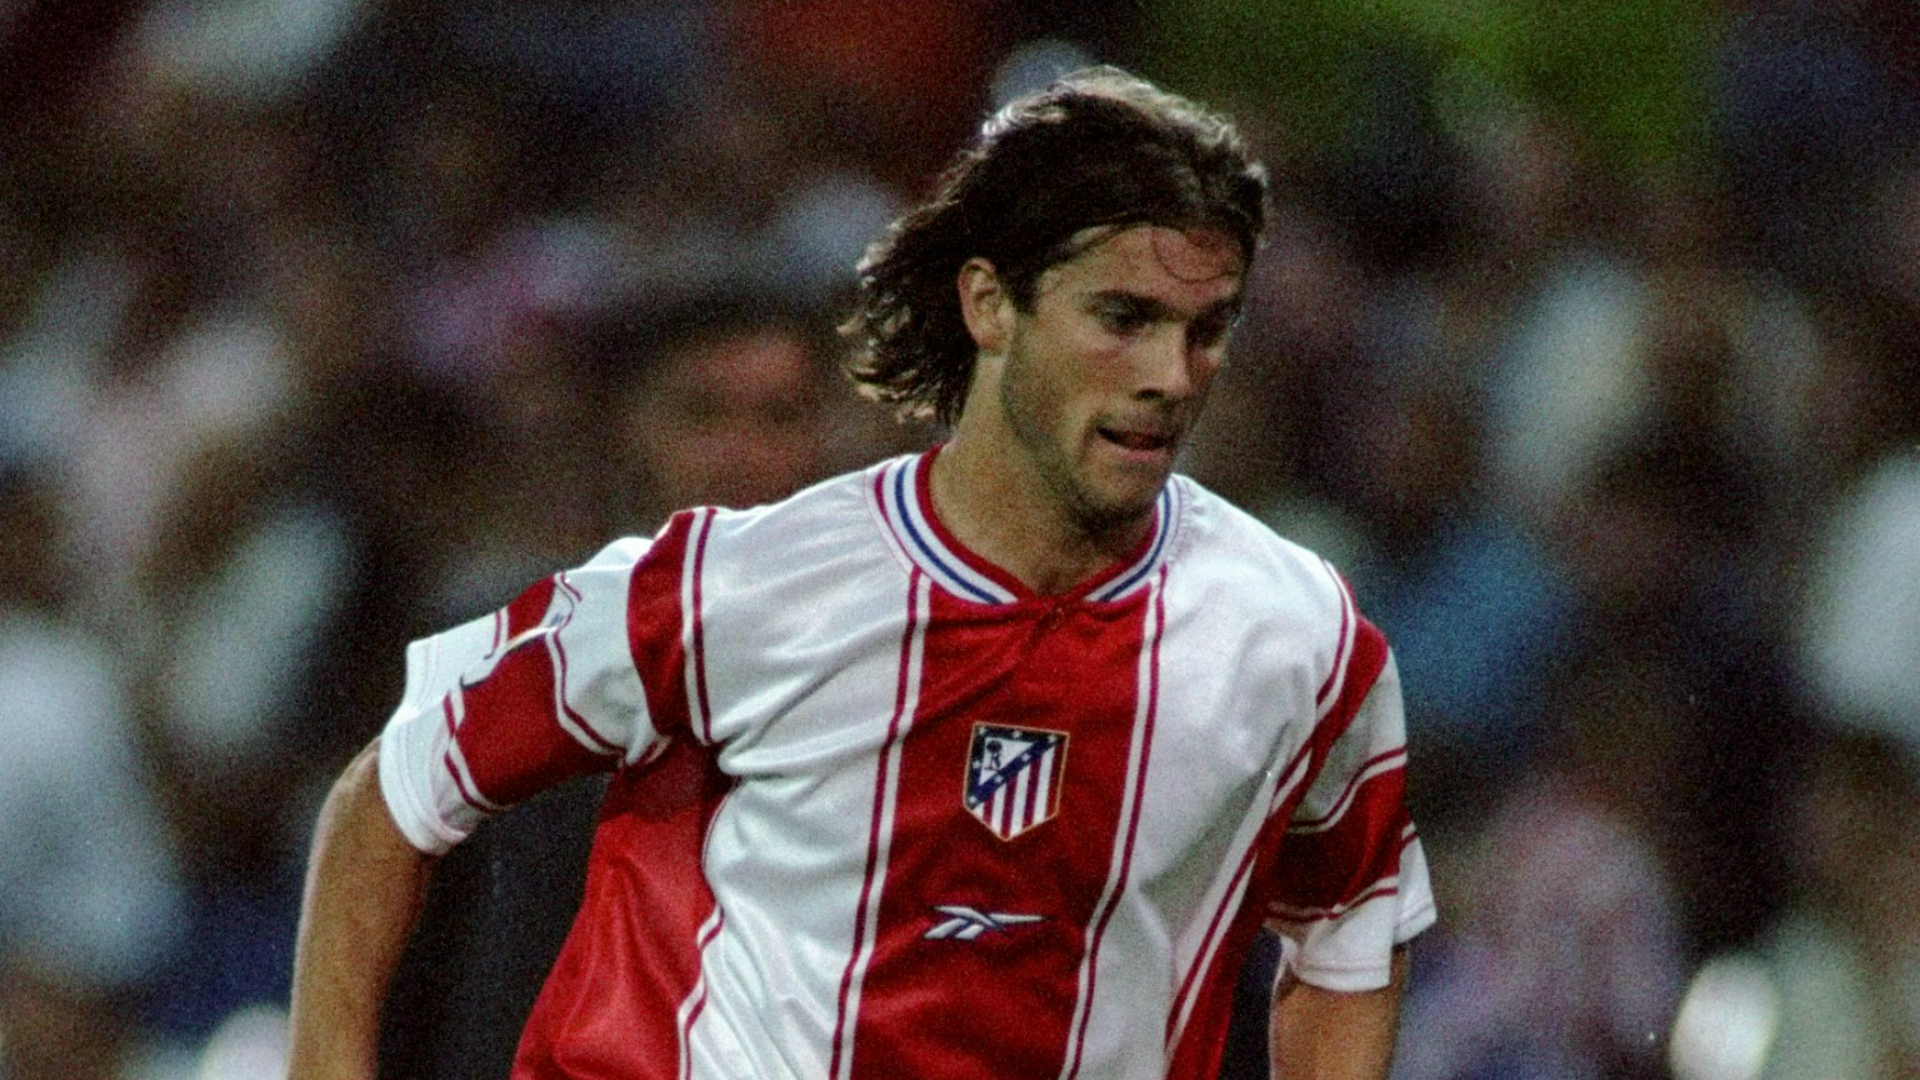 Solari Atlético Madrid 1999